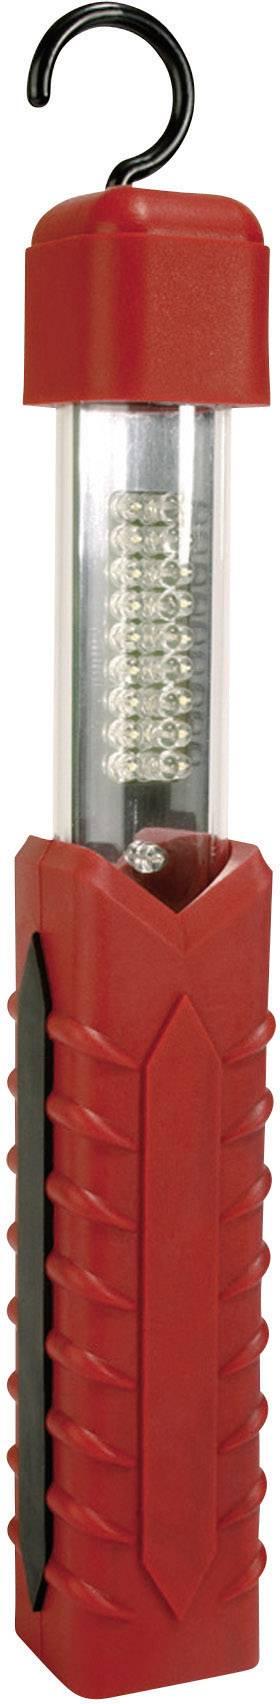 LED pracovné osvetlenie Testboy Light 500 Light 500, napájanie z akumulátoru